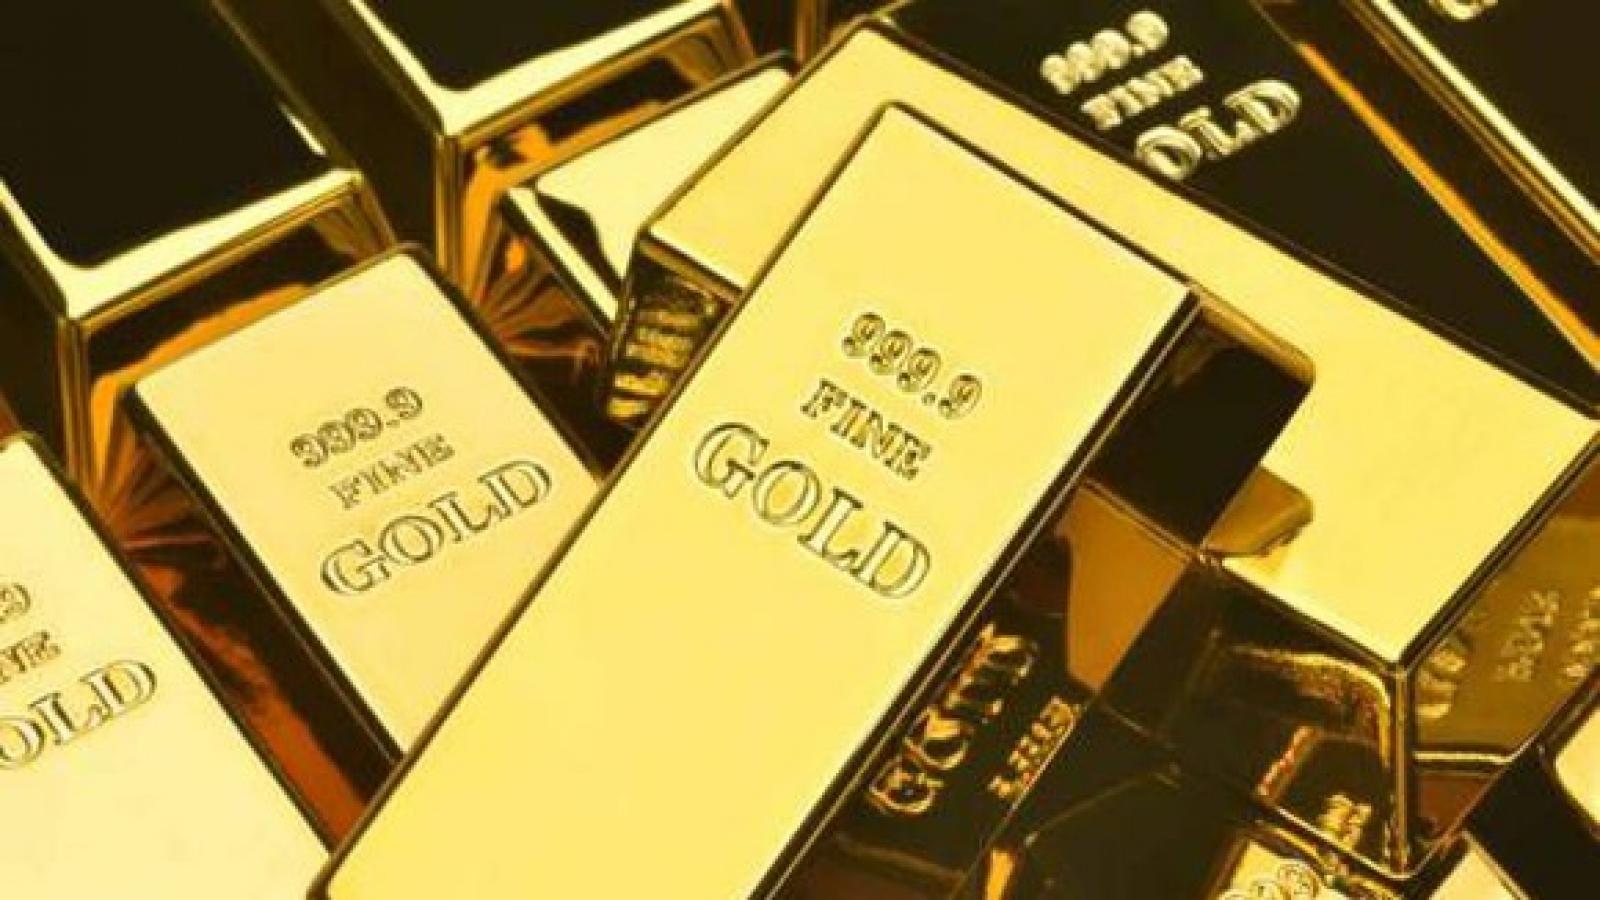 Giá vàng trong nước tiến gần tới mức 58 triệu đồng/lượng